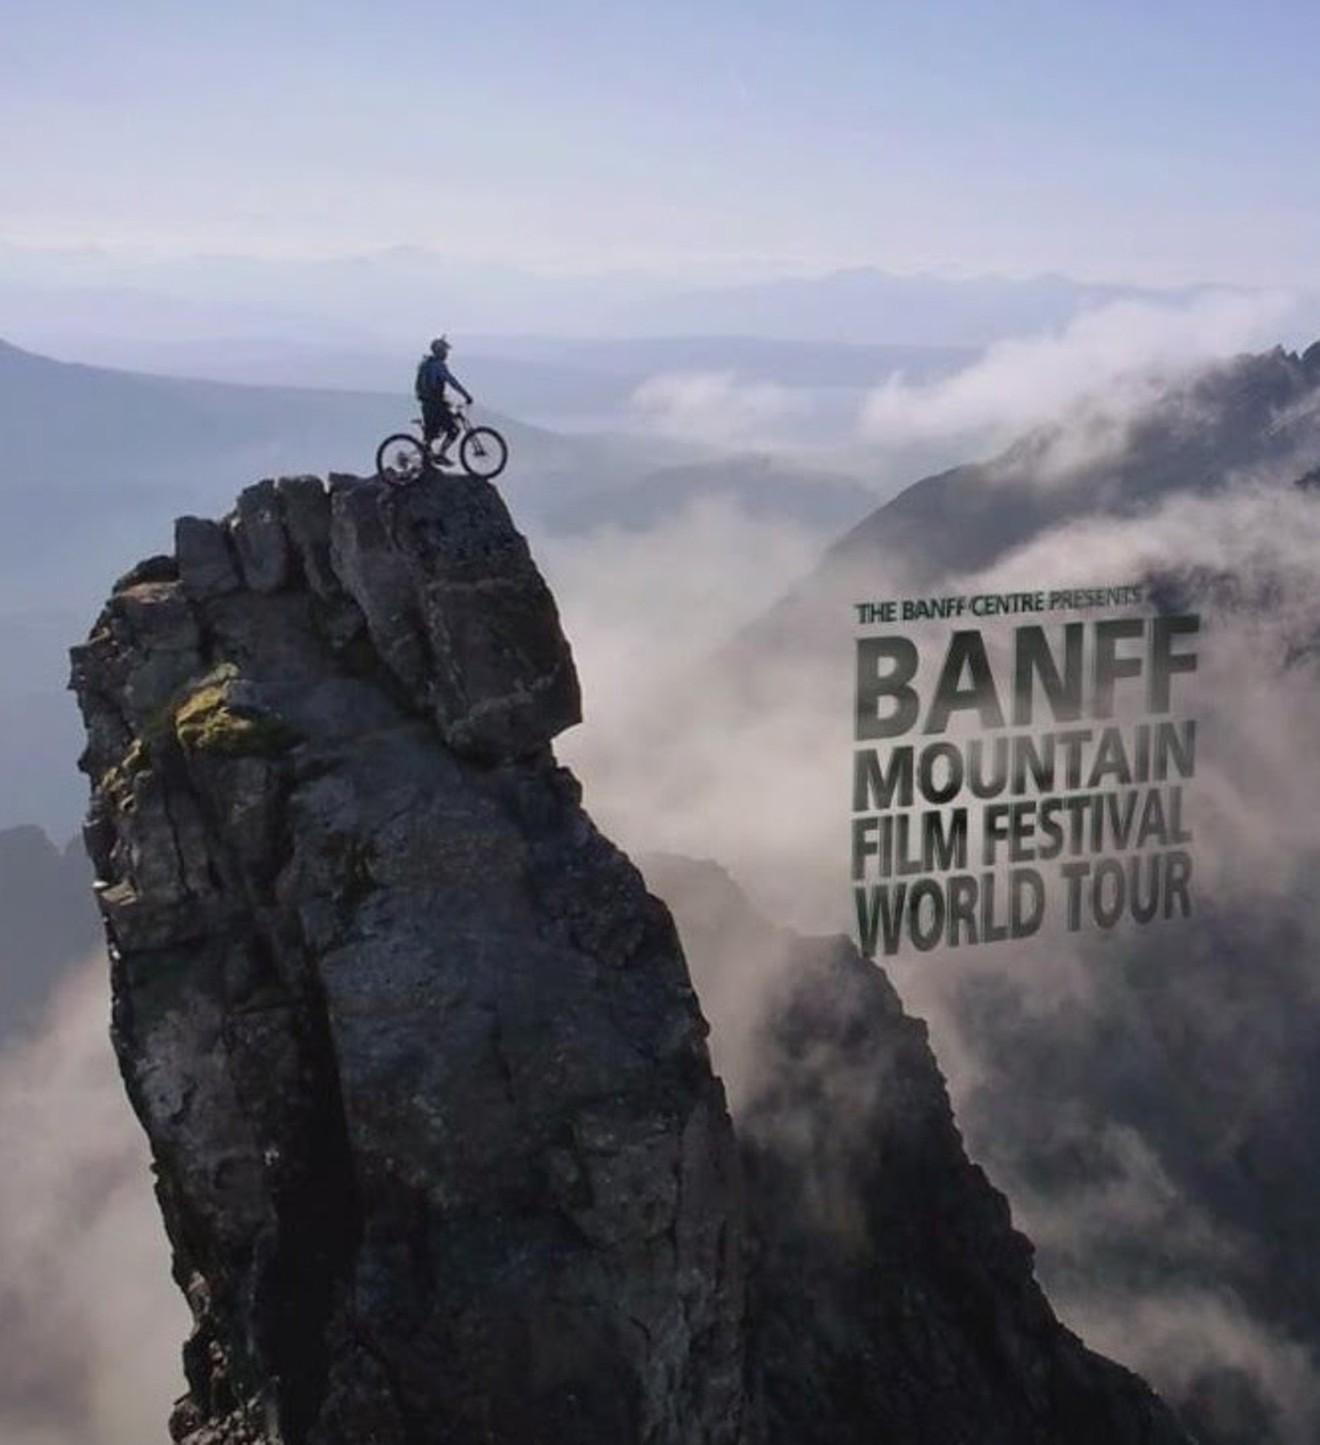 Banff Mountain Film Festival Savannah